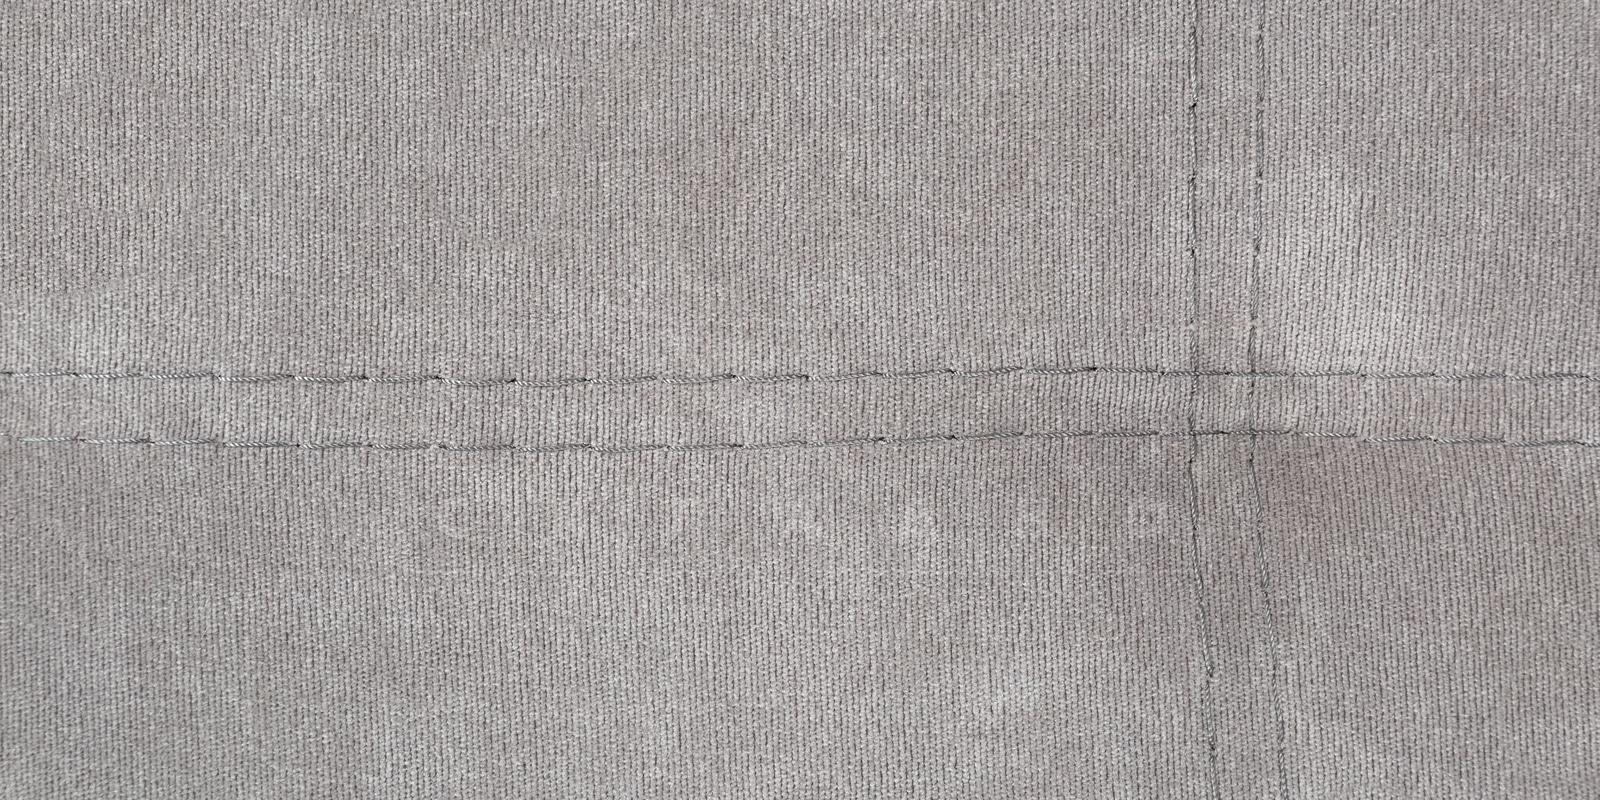 Угловой диван Атланта велюр светло-серый фото 9 | интернет-магазин Складно